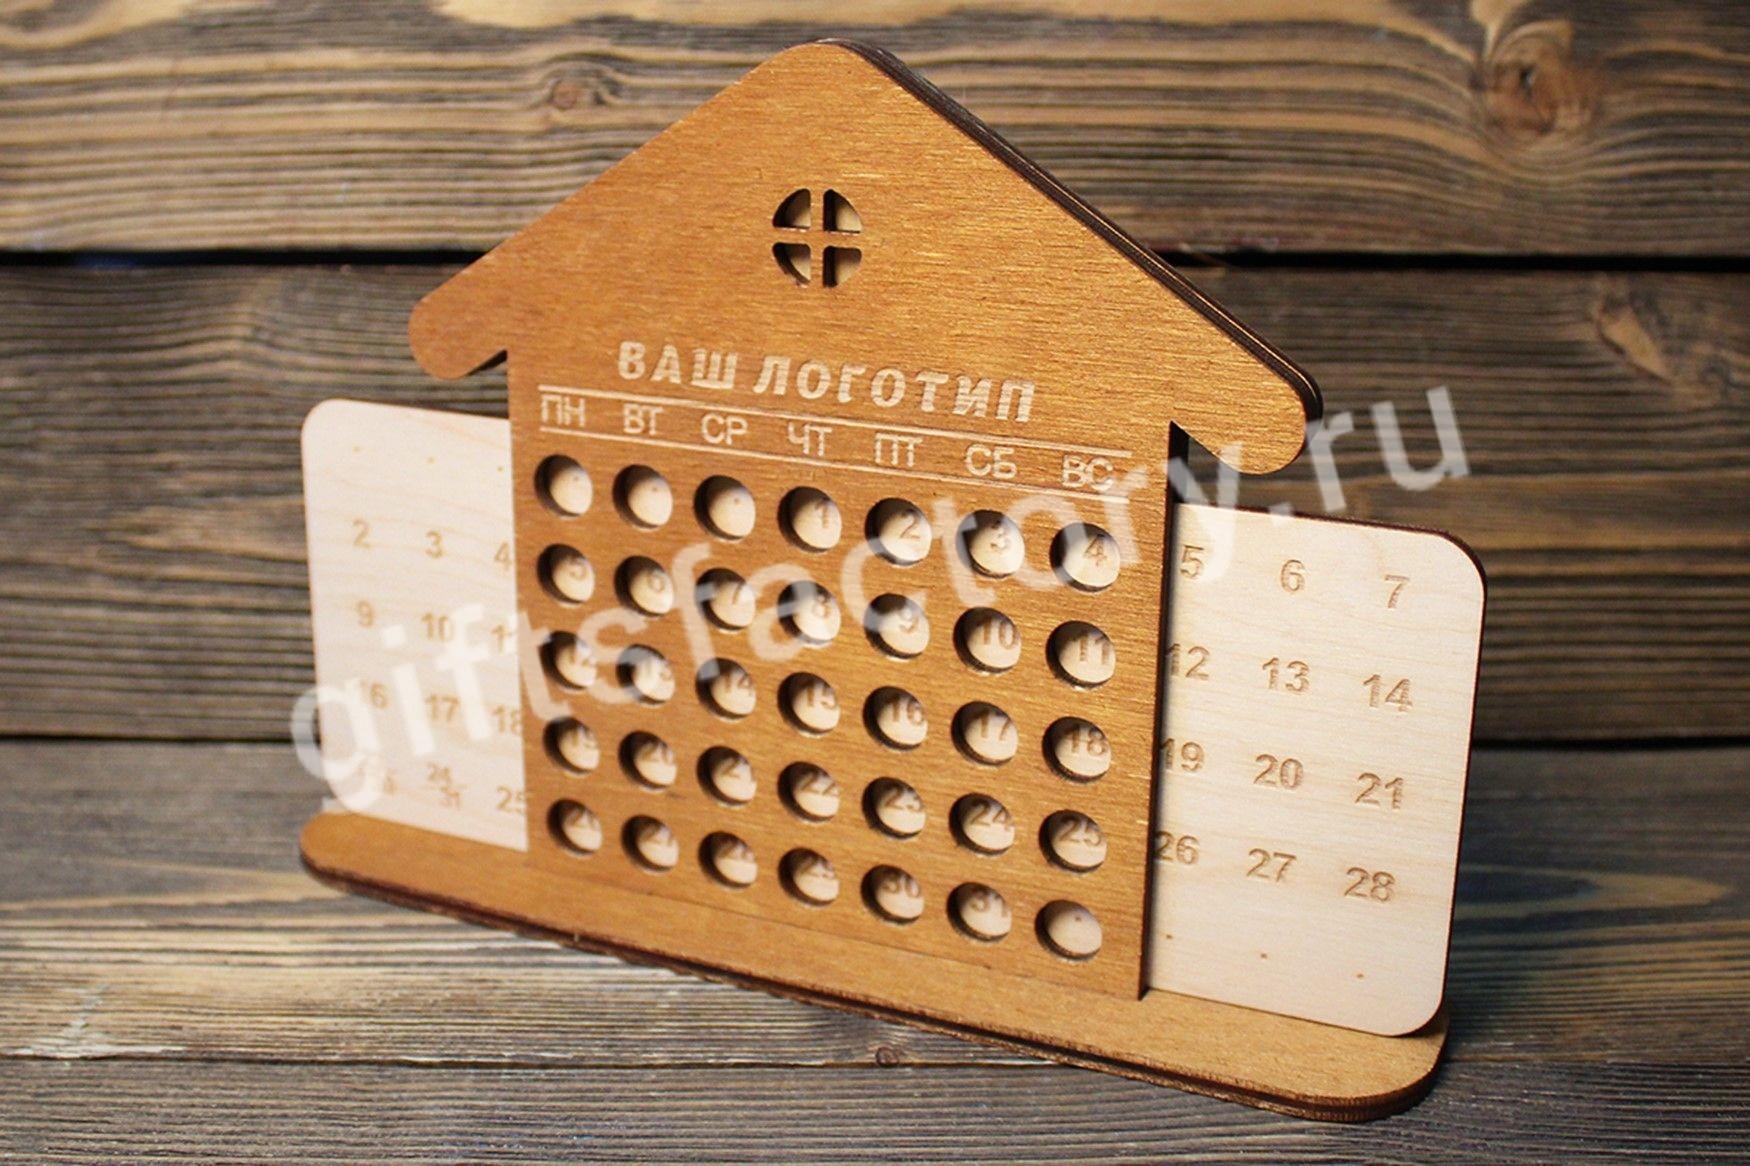 Кубики-трансформеры, изготовление сувенирной продукции 80